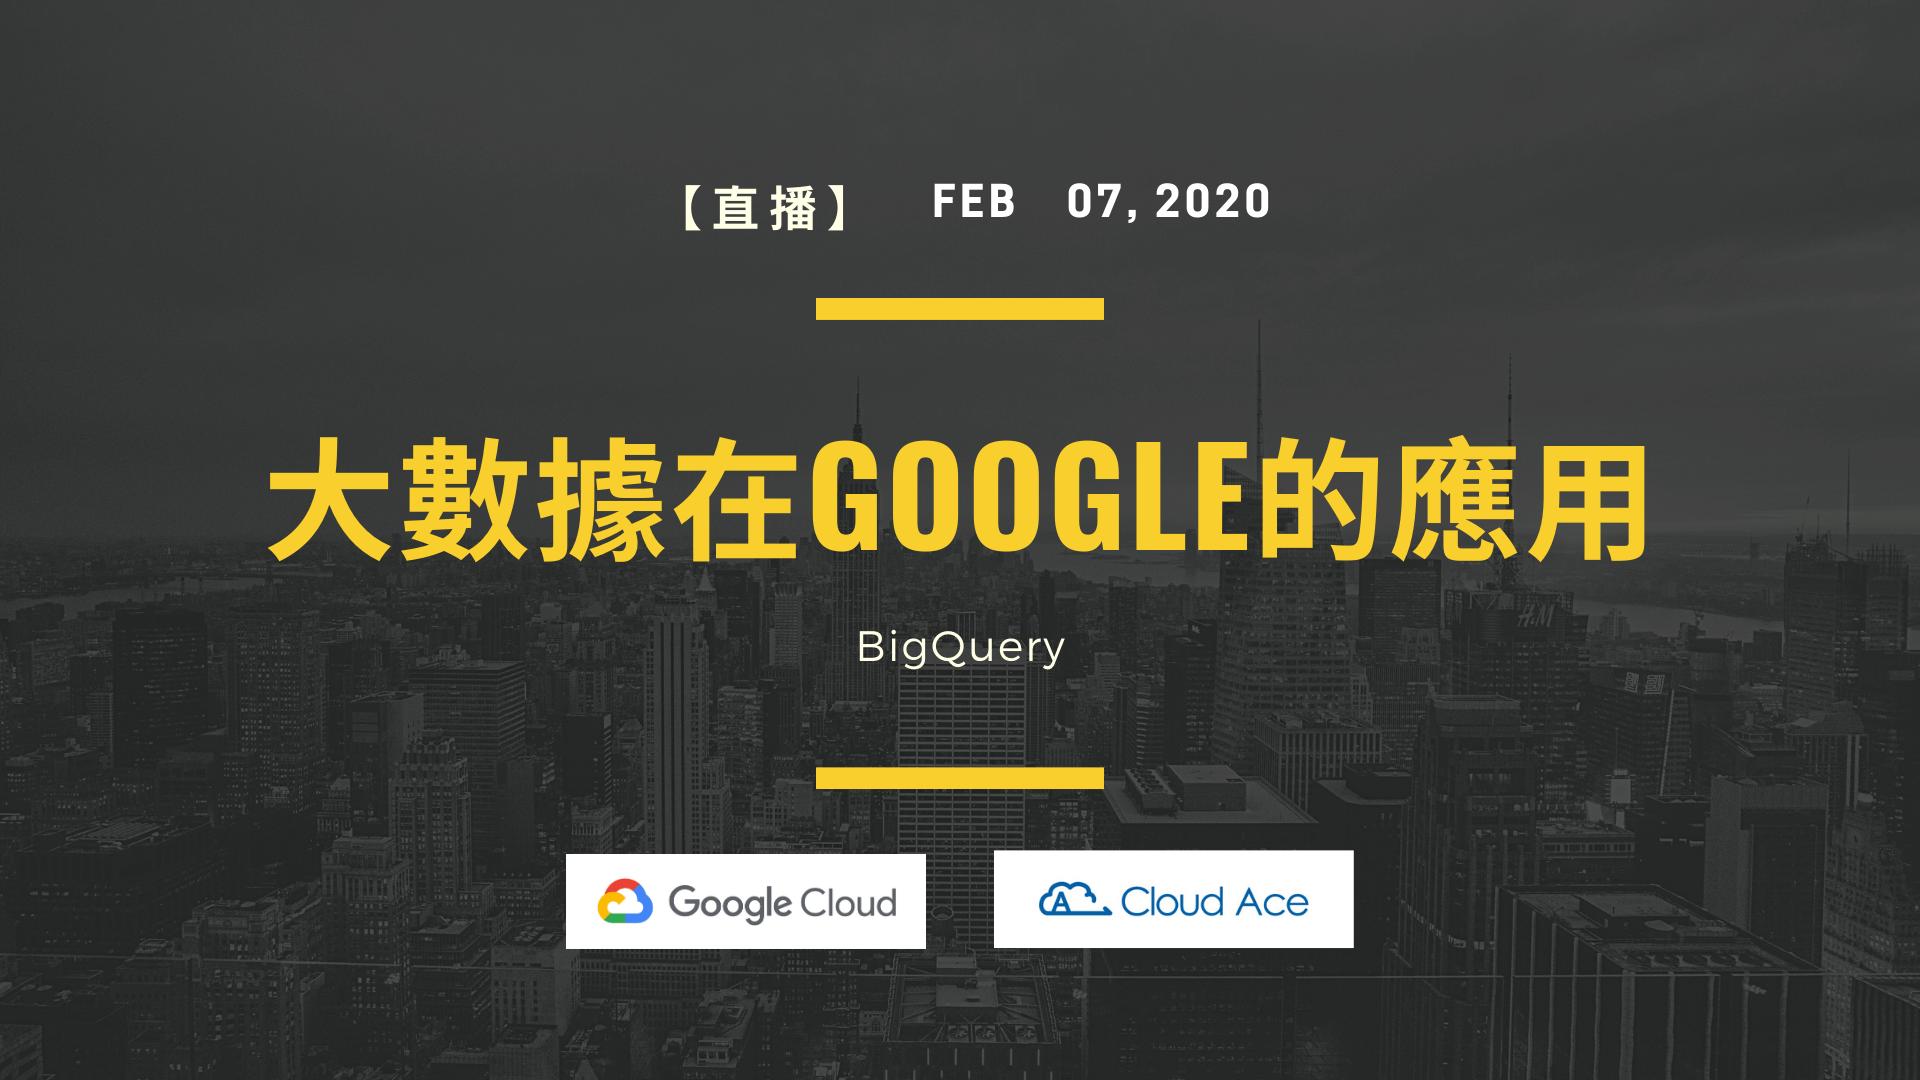 大數據在Google的應用-BigQuery